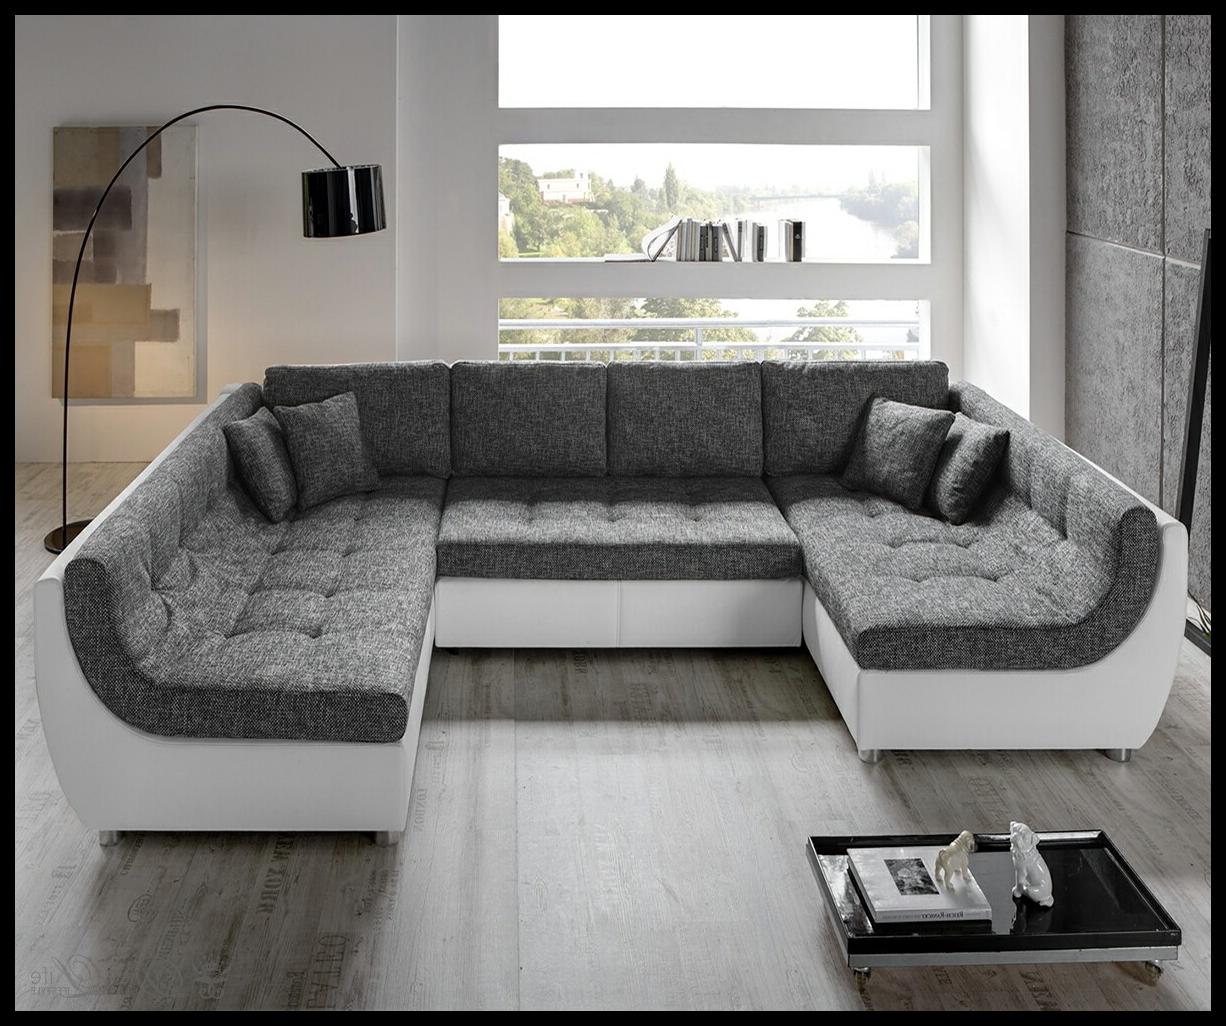 wohnzimmer couch wohnzimmer in 2018 pinterest wohnzimmer couch couch und couch grau. Black Bedroom Furniture Sets. Home Design Ideas